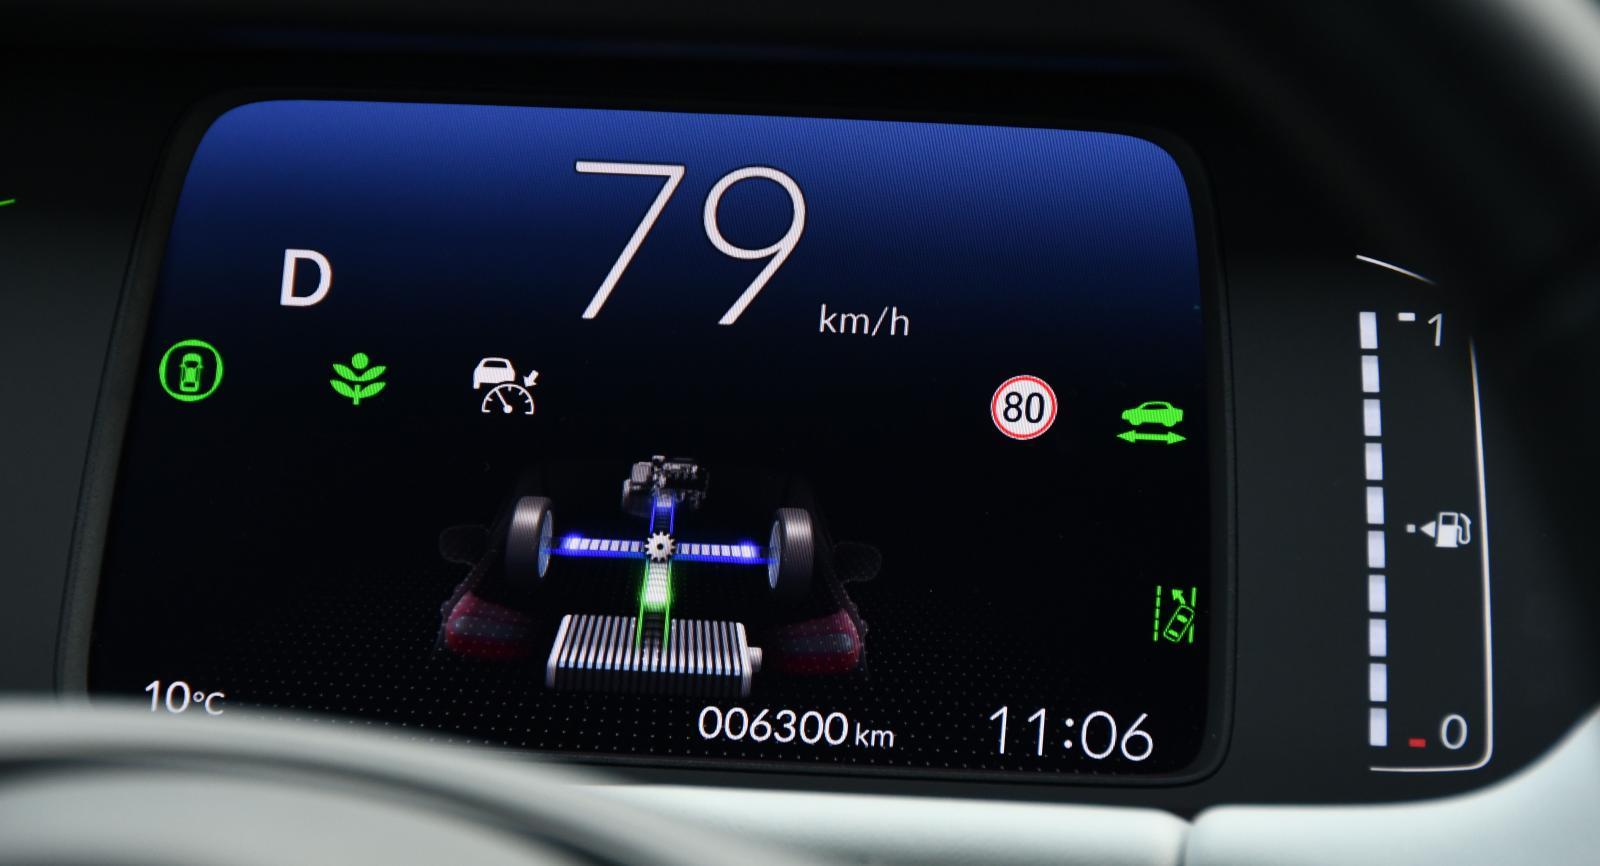 En inblick i hur förbrännings- och elmotor arbetar. Kugghjulet mellan axlarna visar när förbränningsmotorn är inkopplad mot drivhjulen. Den gröna växten är en poängräkningsfunktion för energieffektivt körning.